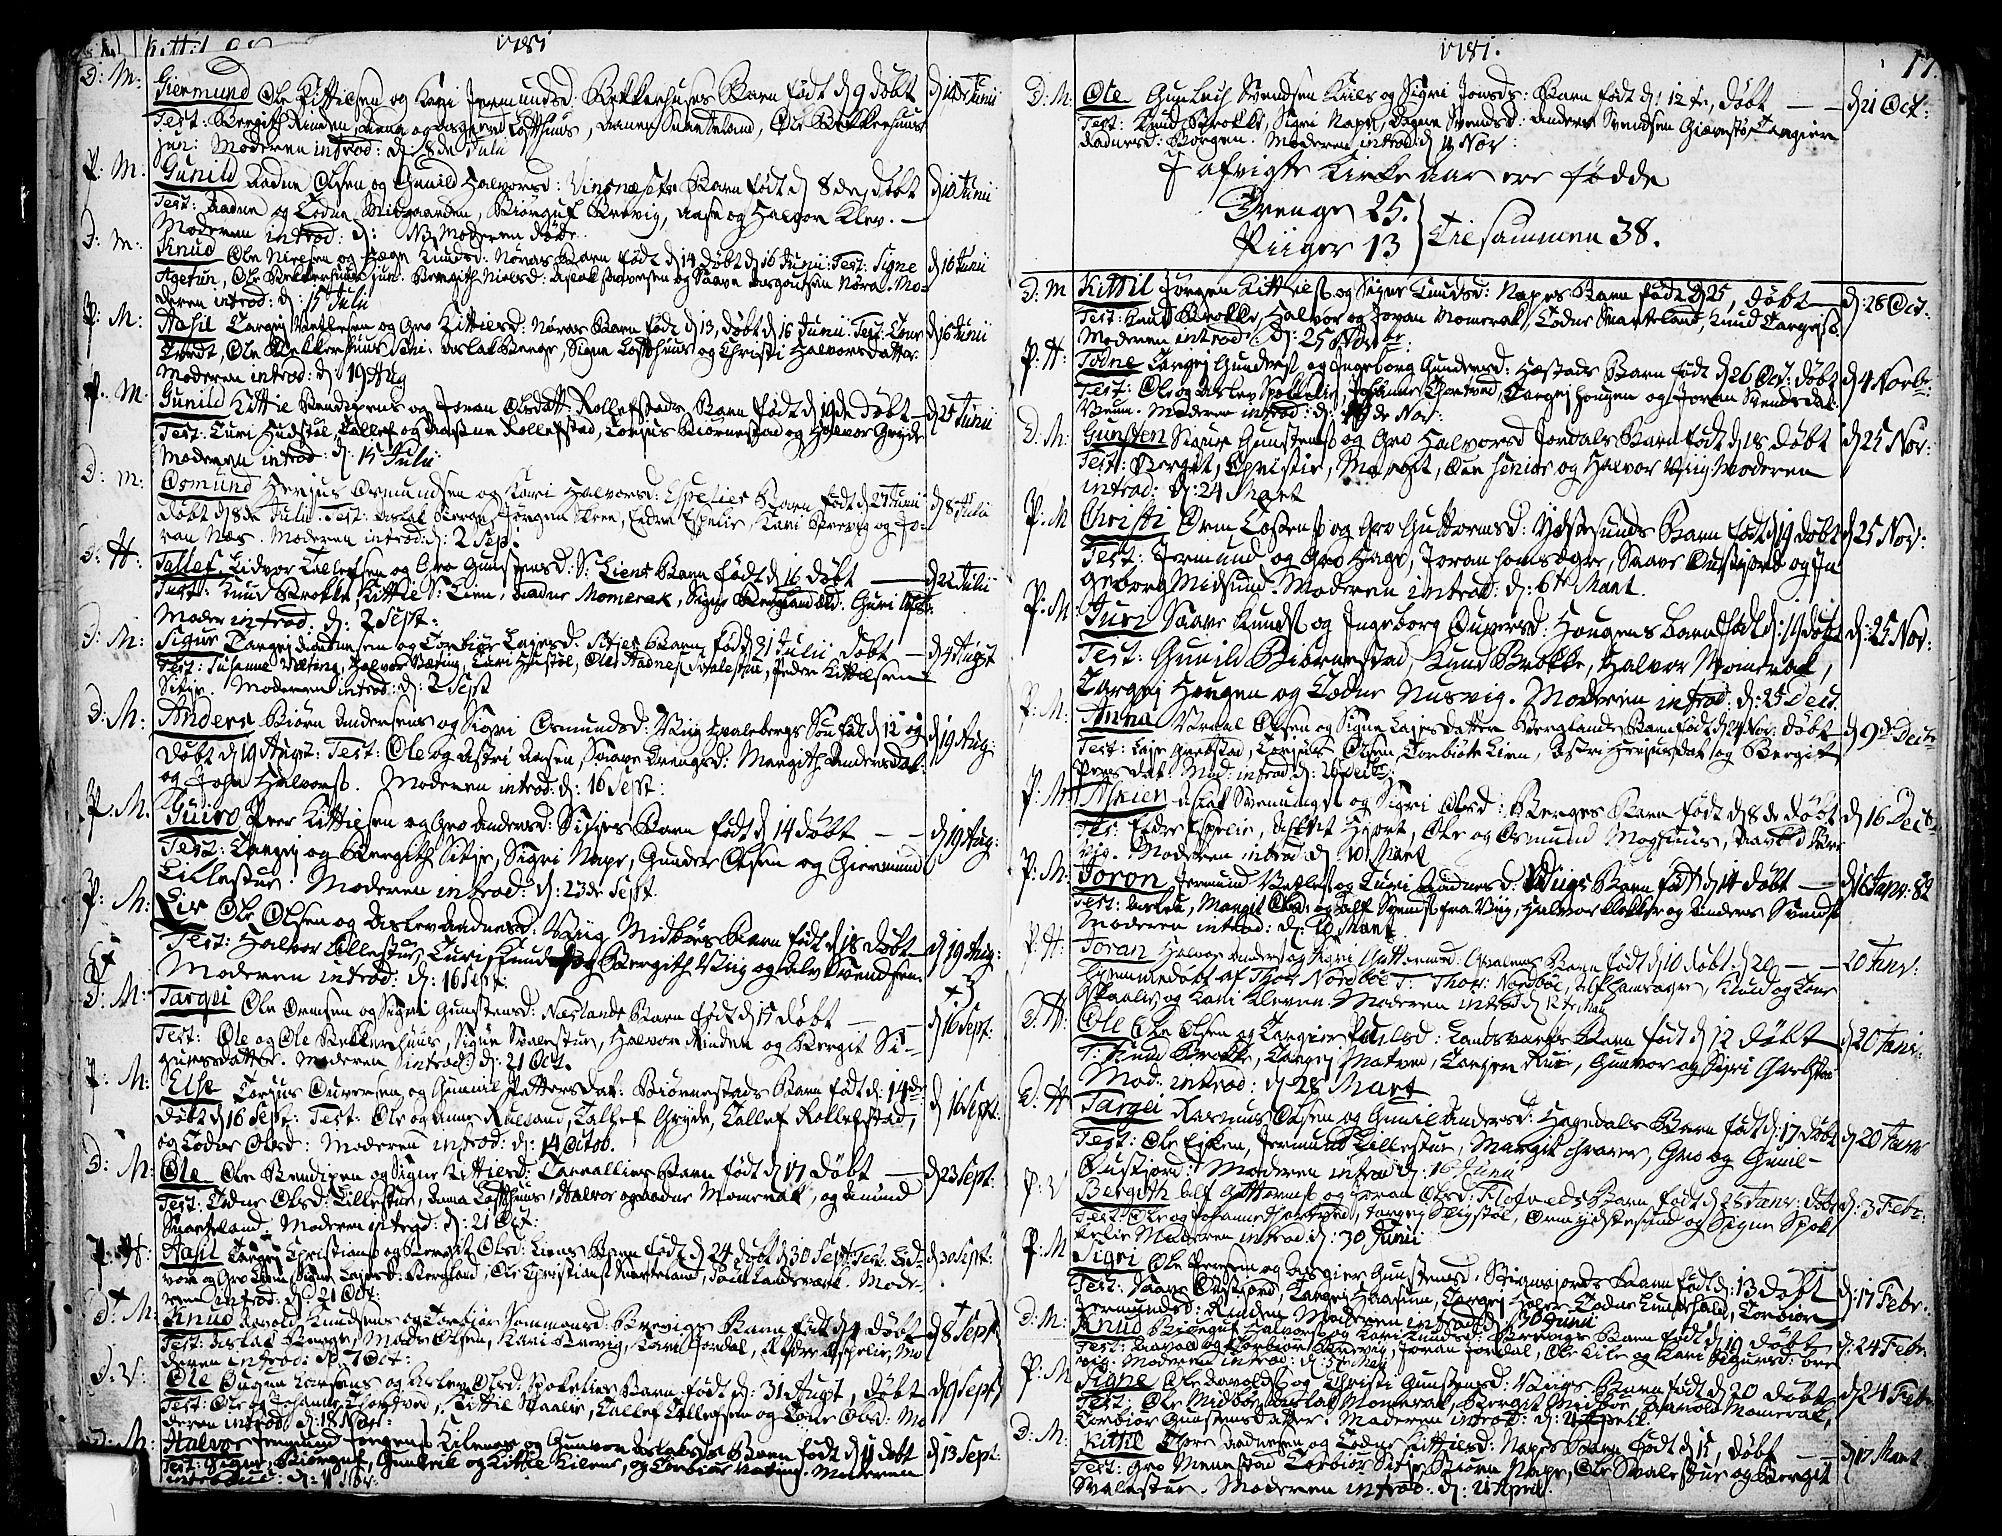 SAKO, Fyresdal kirkebøker, F/Fa/L0002: Ministerialbok nr. I 2, 1769-1814, s. 17